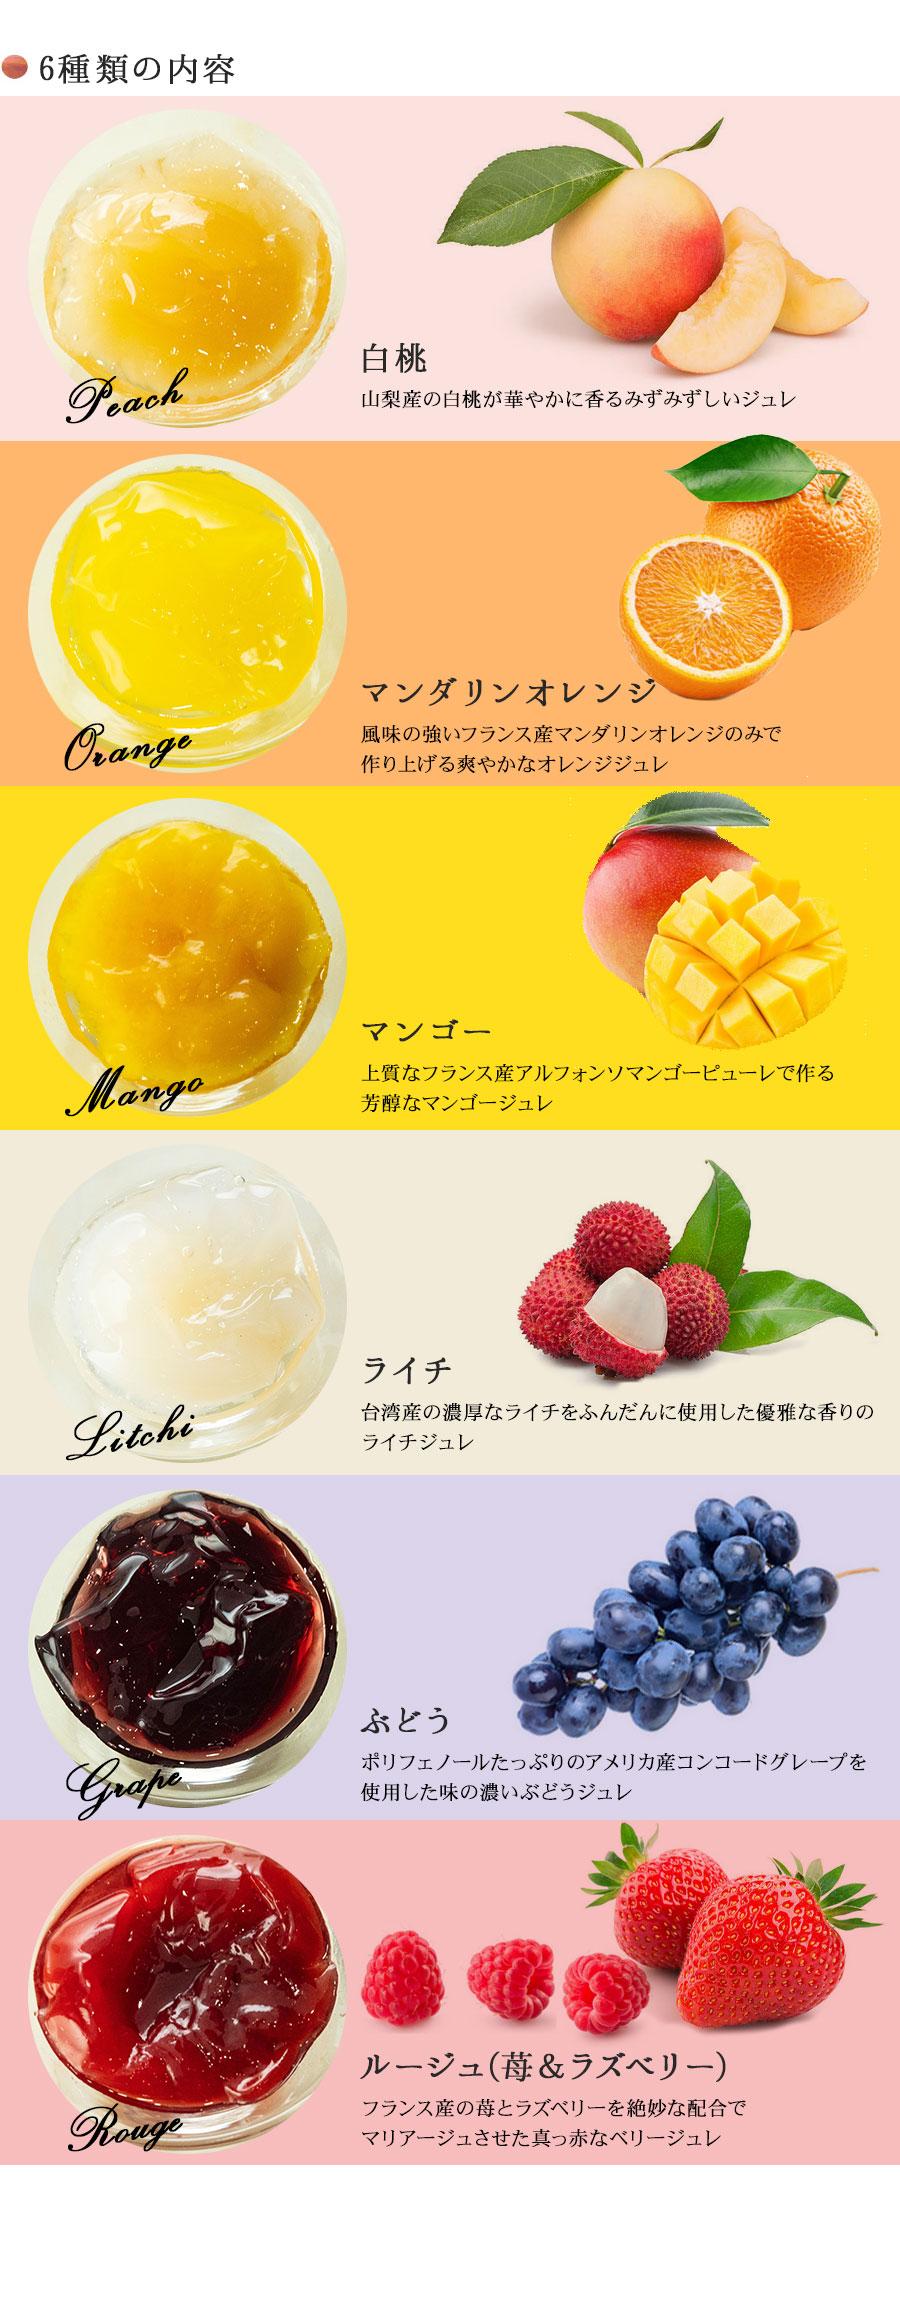 6種類のお味のご紹介